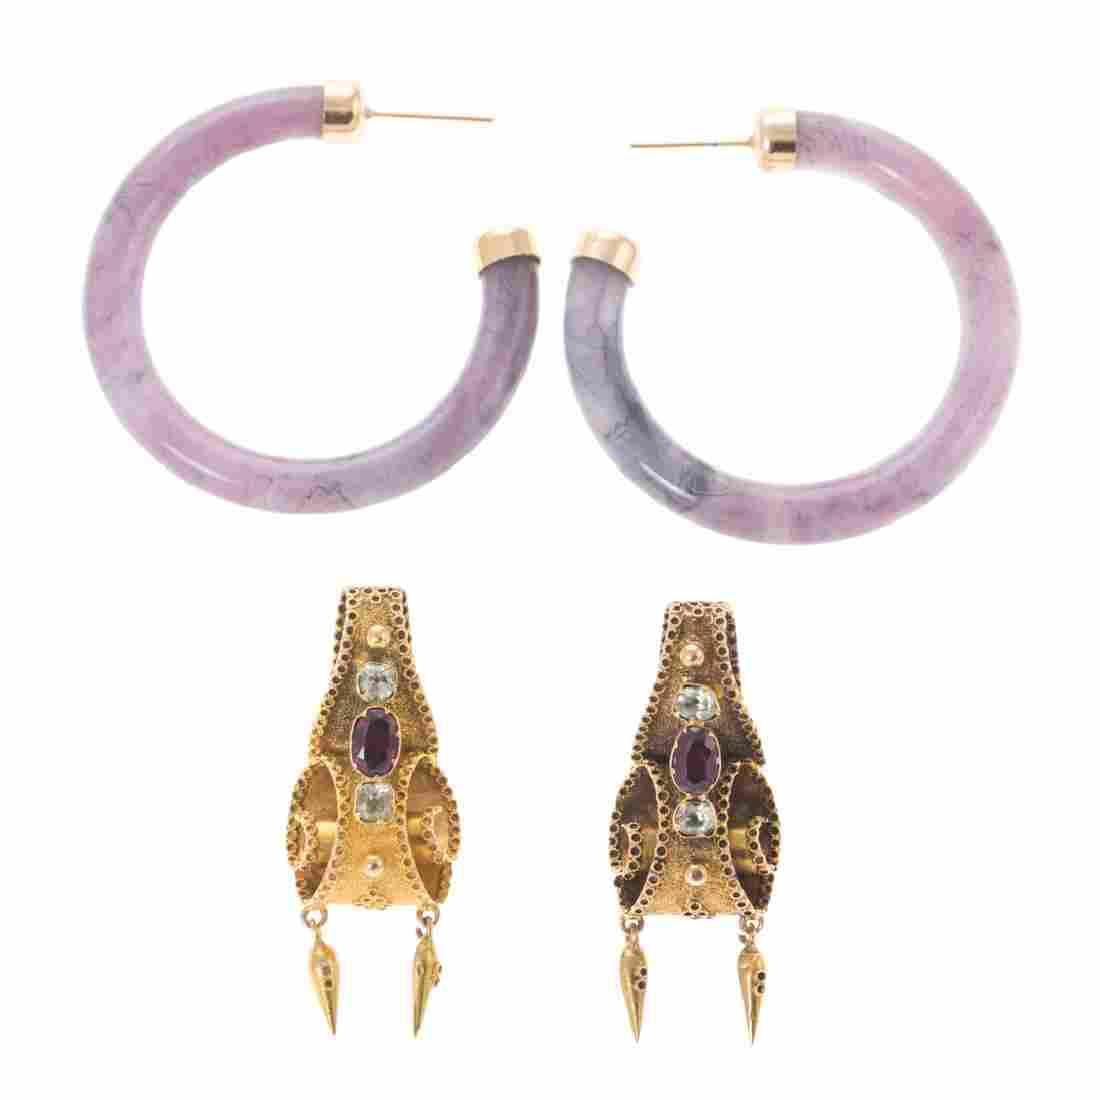 Two Pair of Earrings in 14K Gold